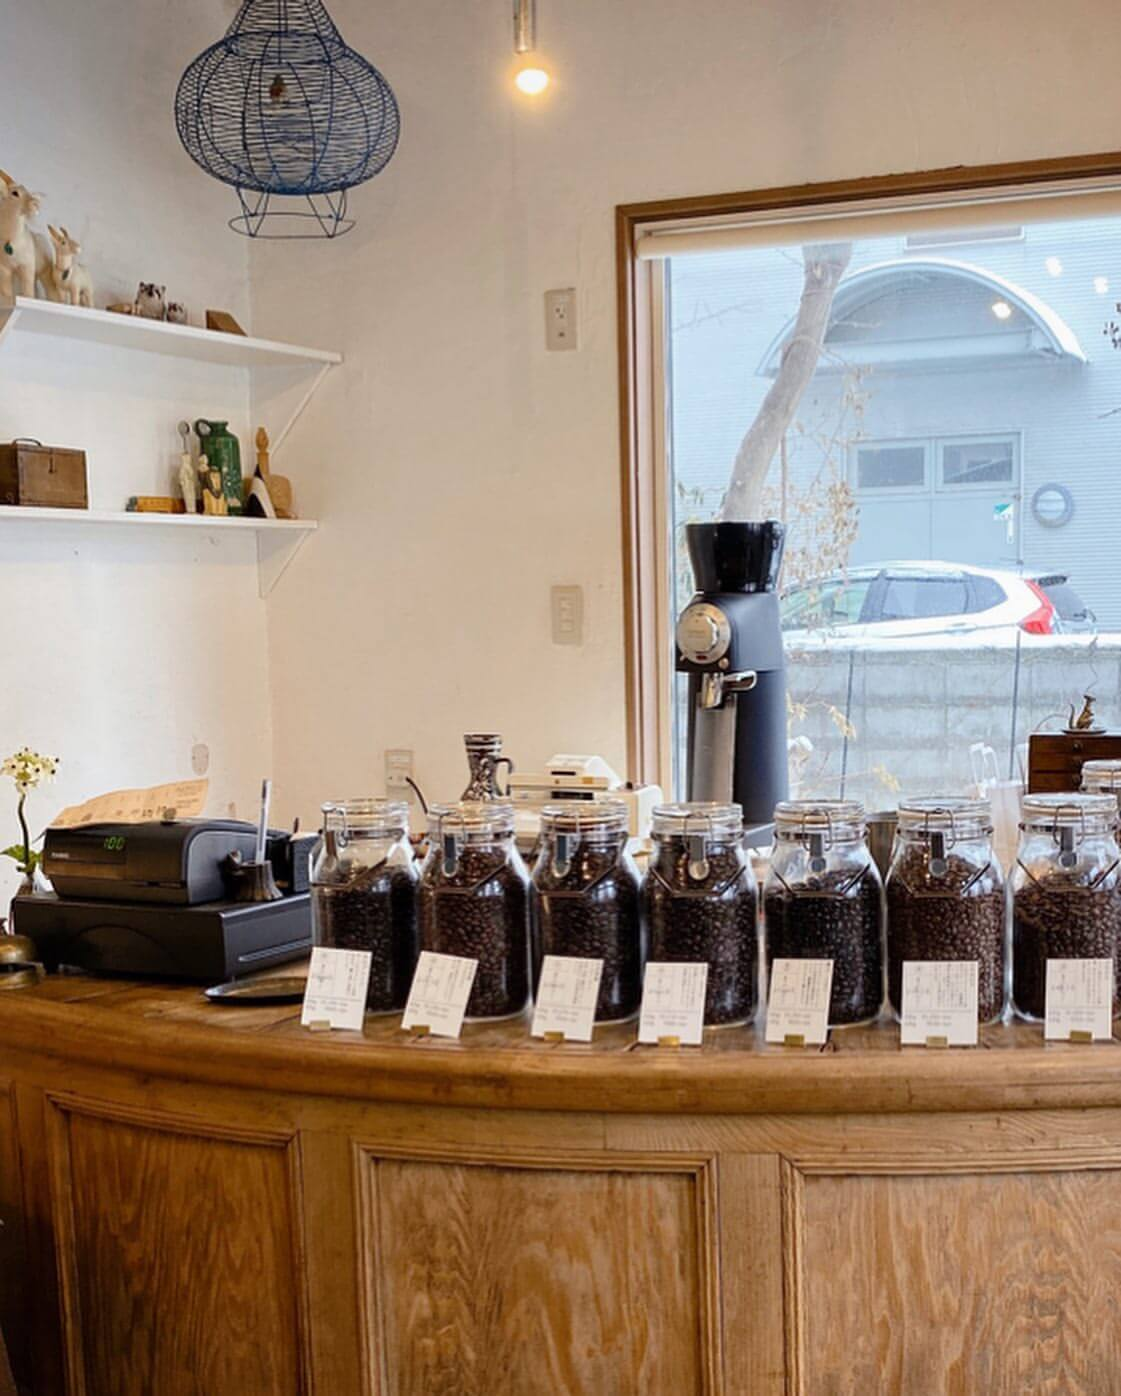 石田珈琲店で販売しているコーヒー豆